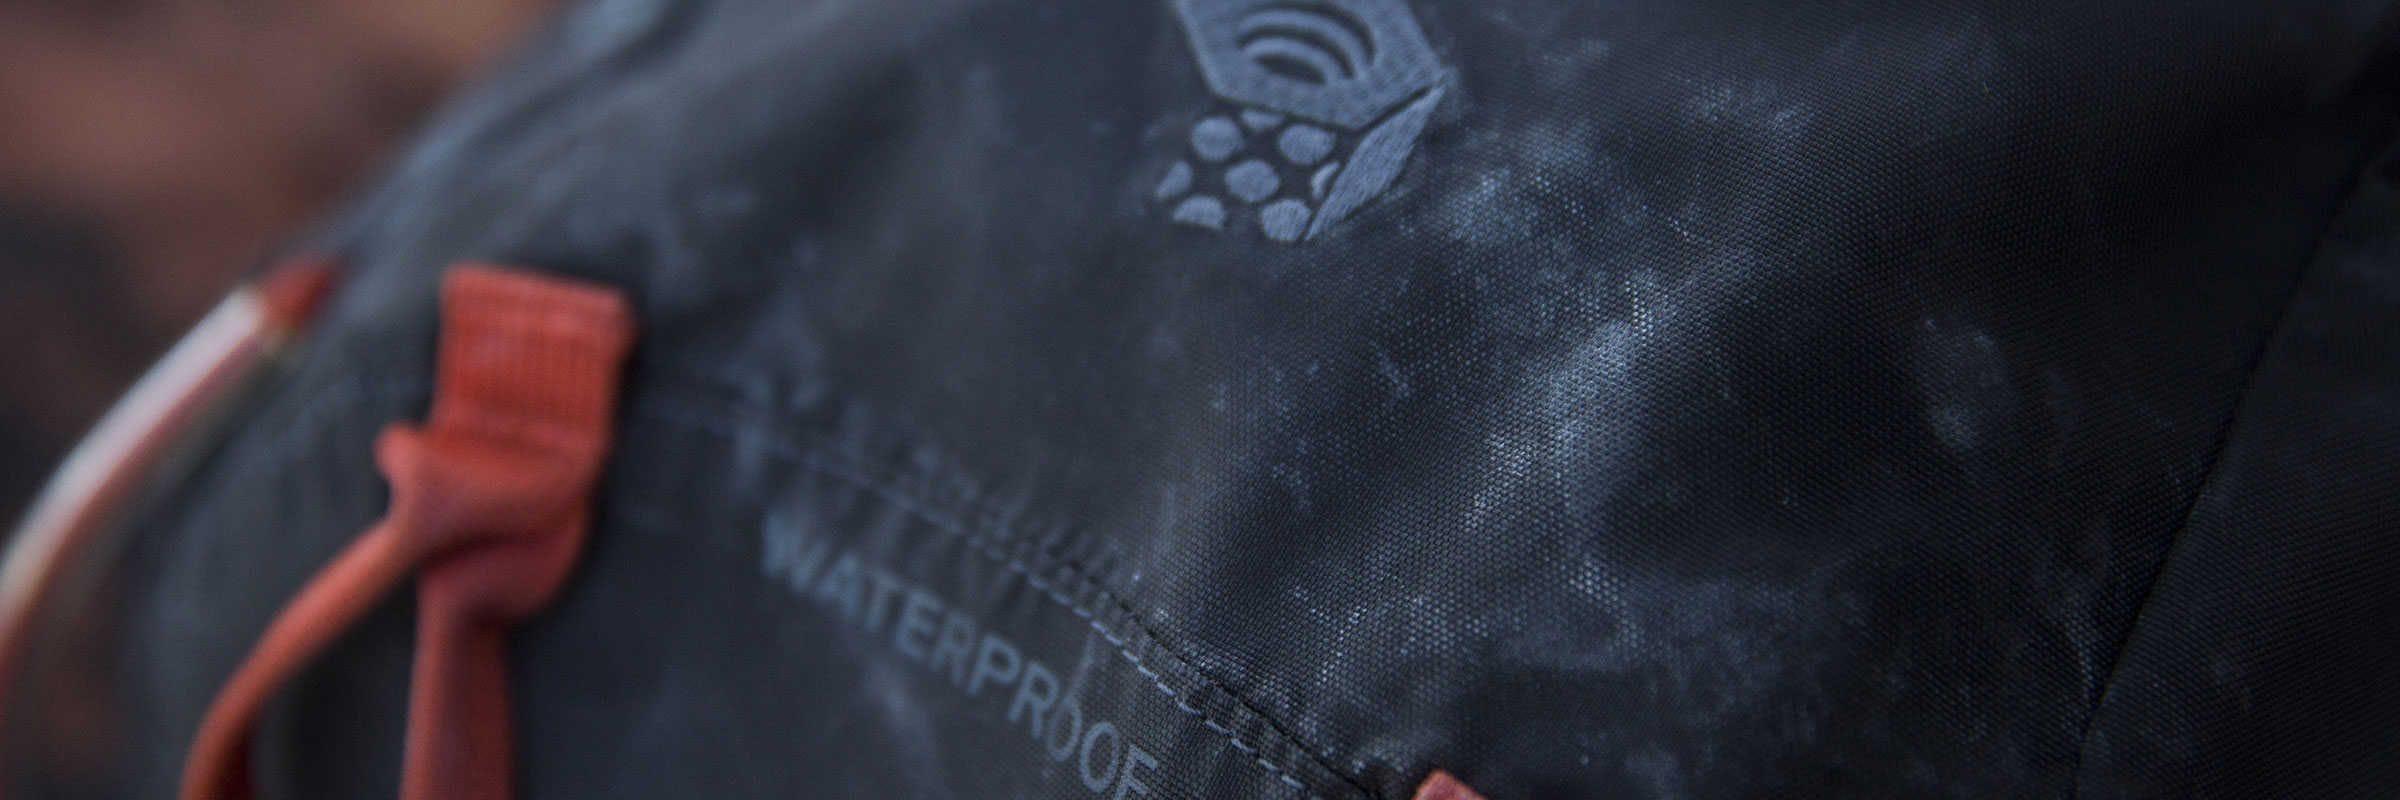 waterproof urban bags and backpacks